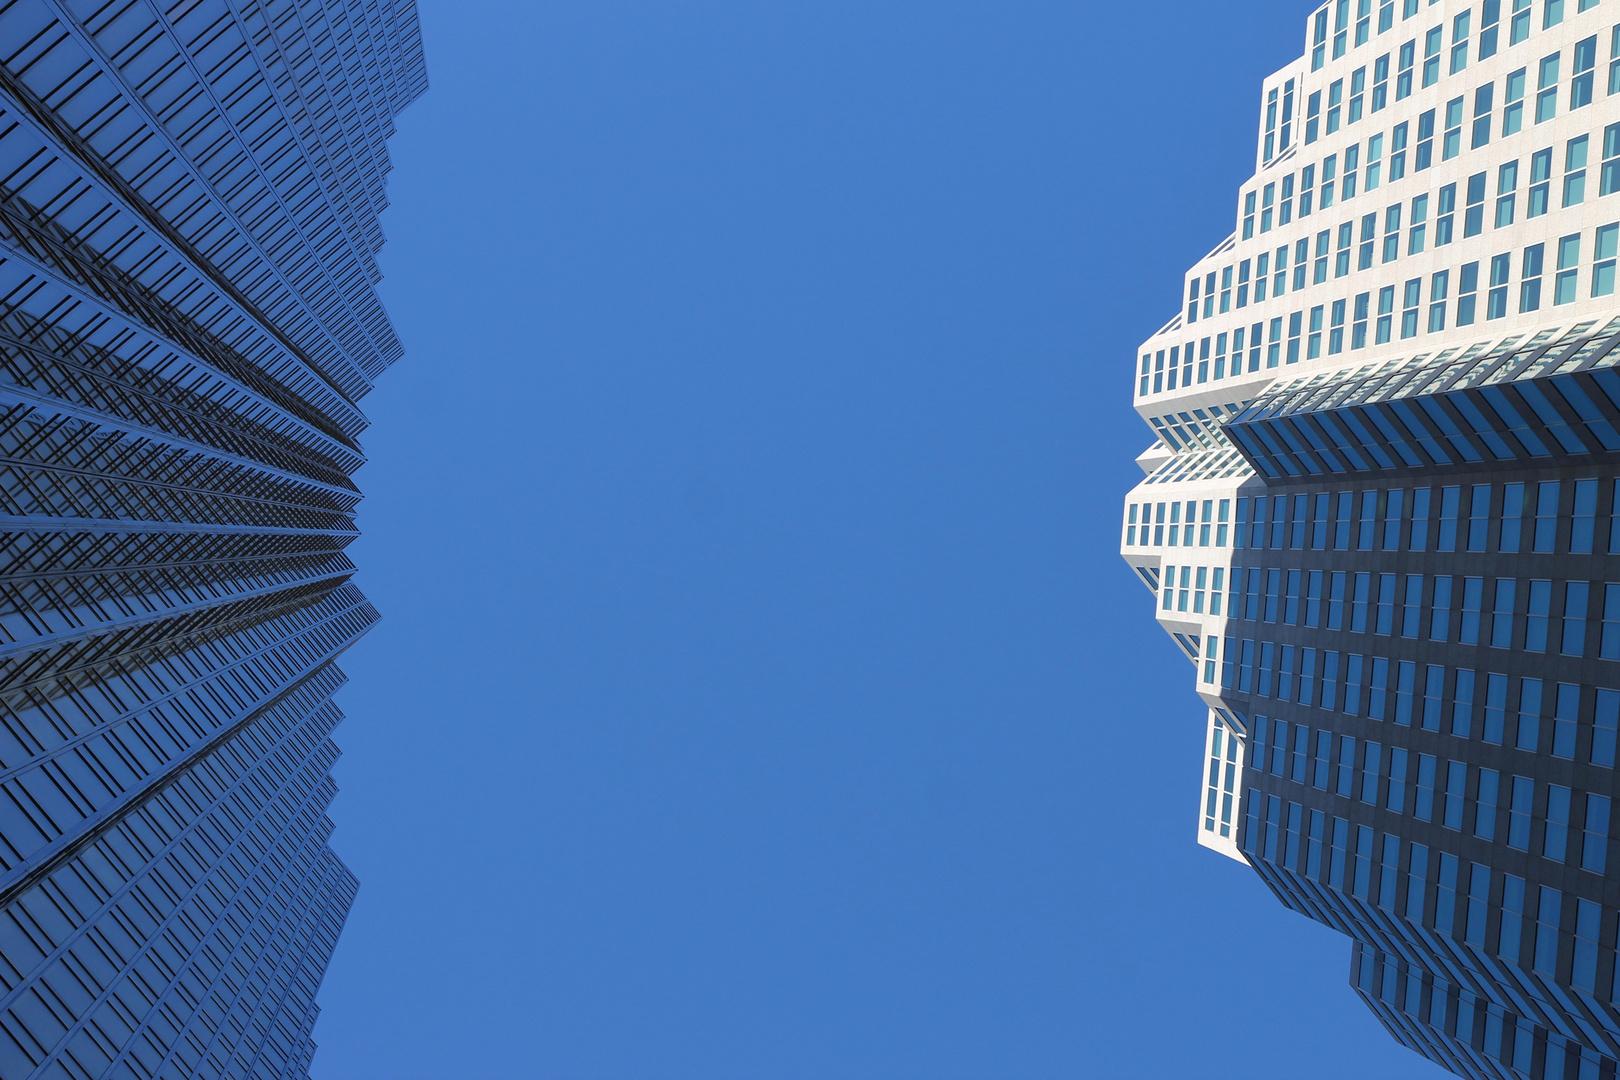 Sky high. So high, lets fly....